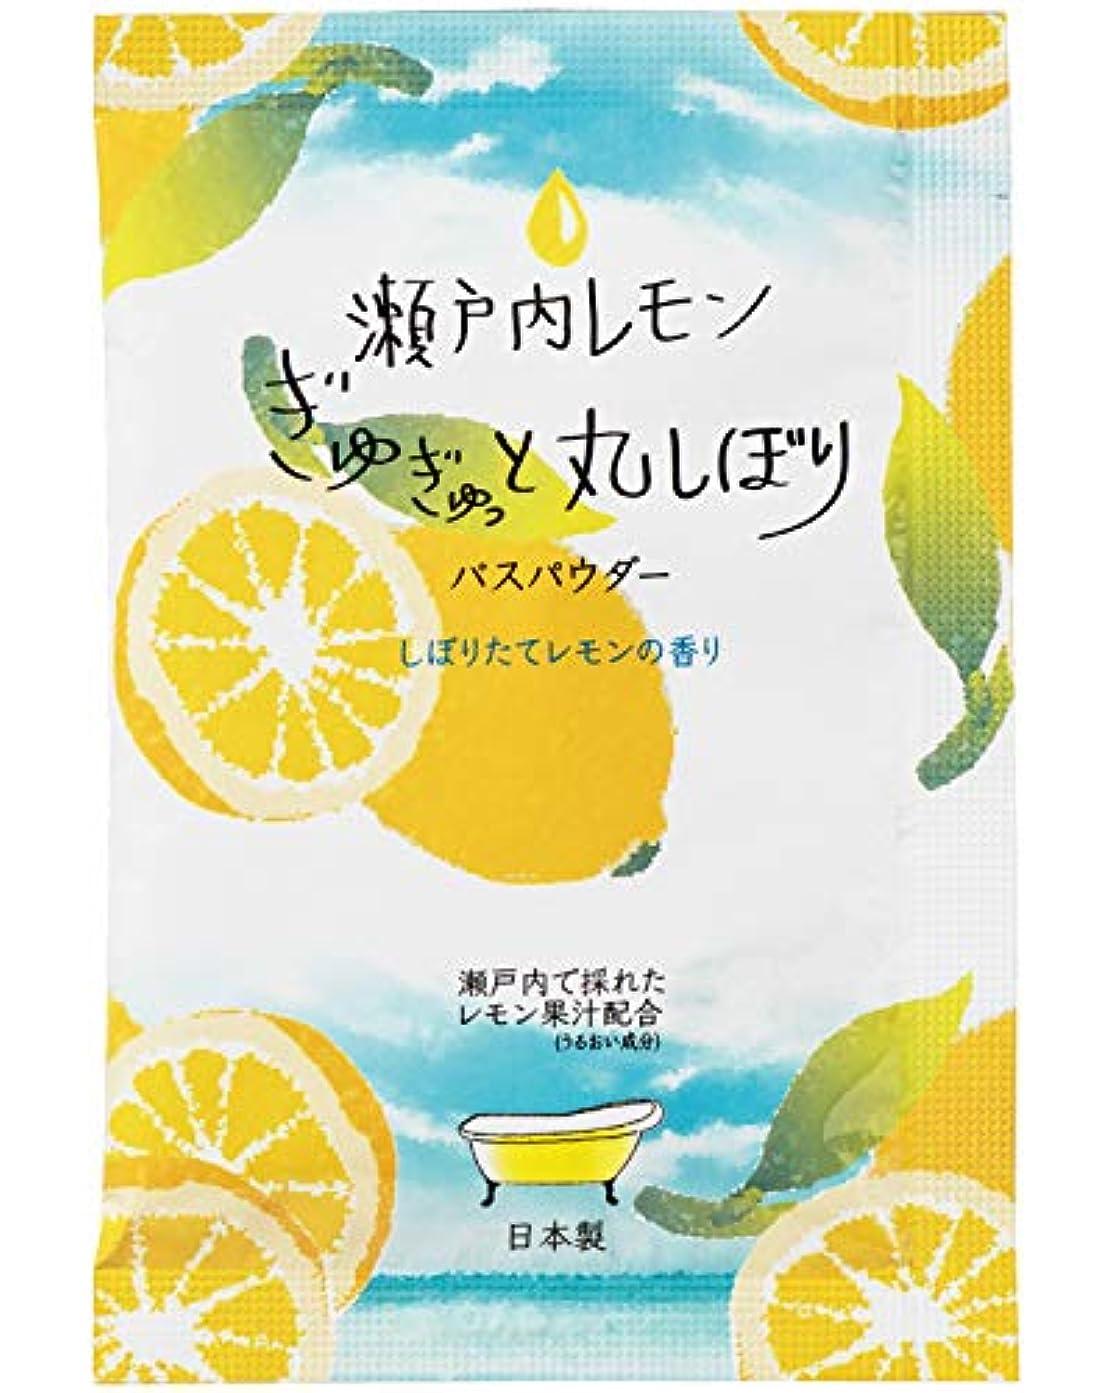 寝る比喩化粧HOF173025【リッチバスパウダー(レモン)】【1ケース800個入】